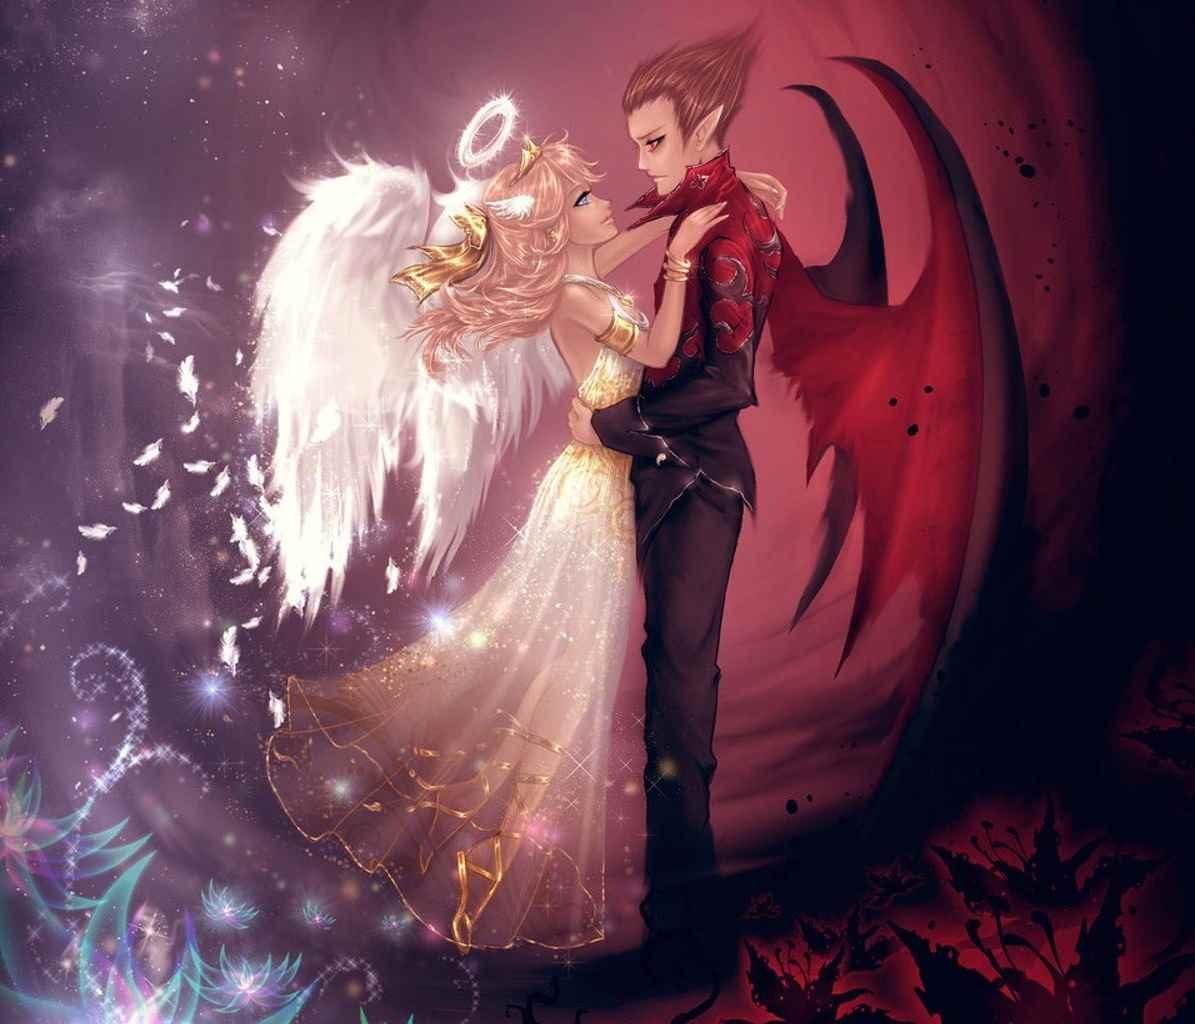 Красивые картинки аниме про демонов и любовь 10